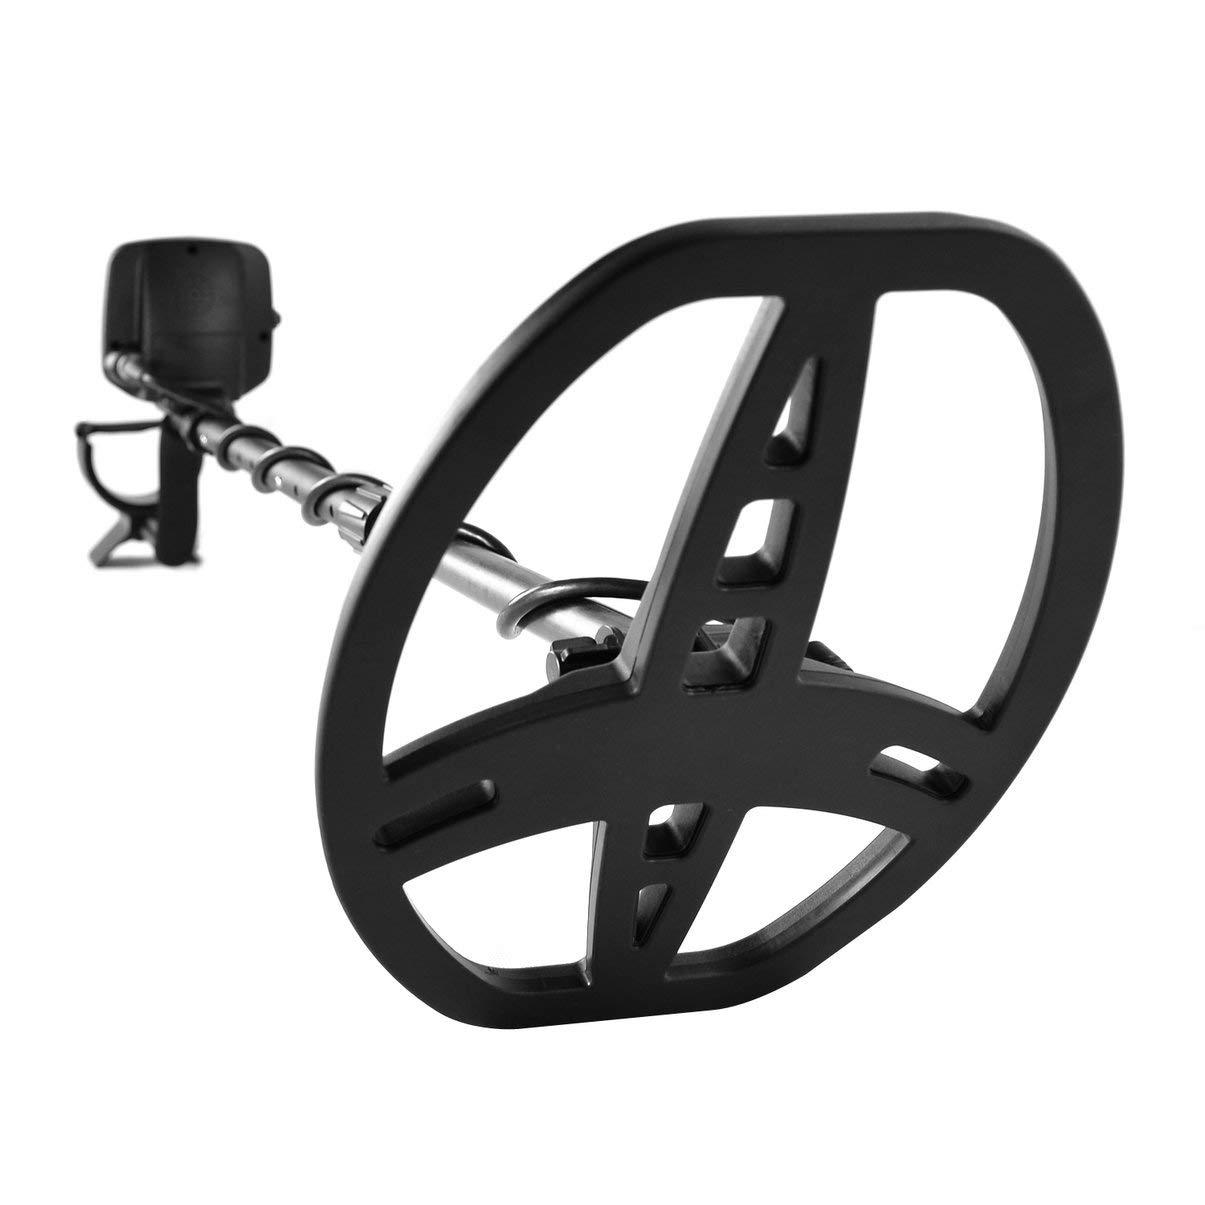 Detector De Metales, Alta Sensibilidad Meterk Detector para Adulto y Principiantes TX-850: Amazon.es: Bricolaje y herramientas